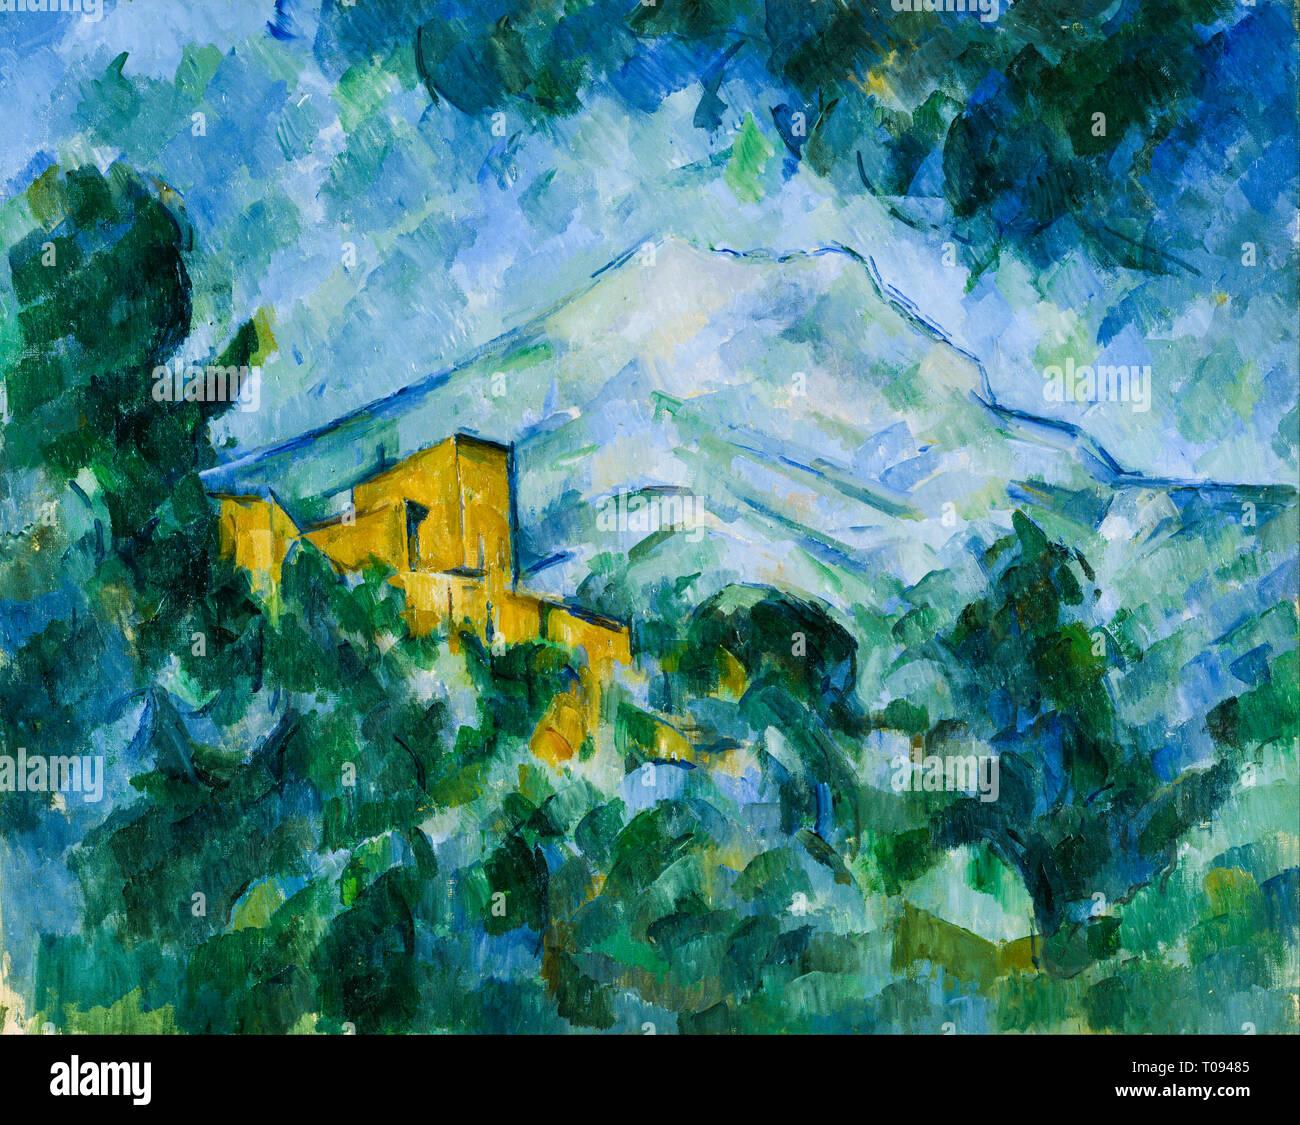 Paul Cézanne, Mont Sainte-Victoire and Château Noir, painting, c. 1904 - Stock Image